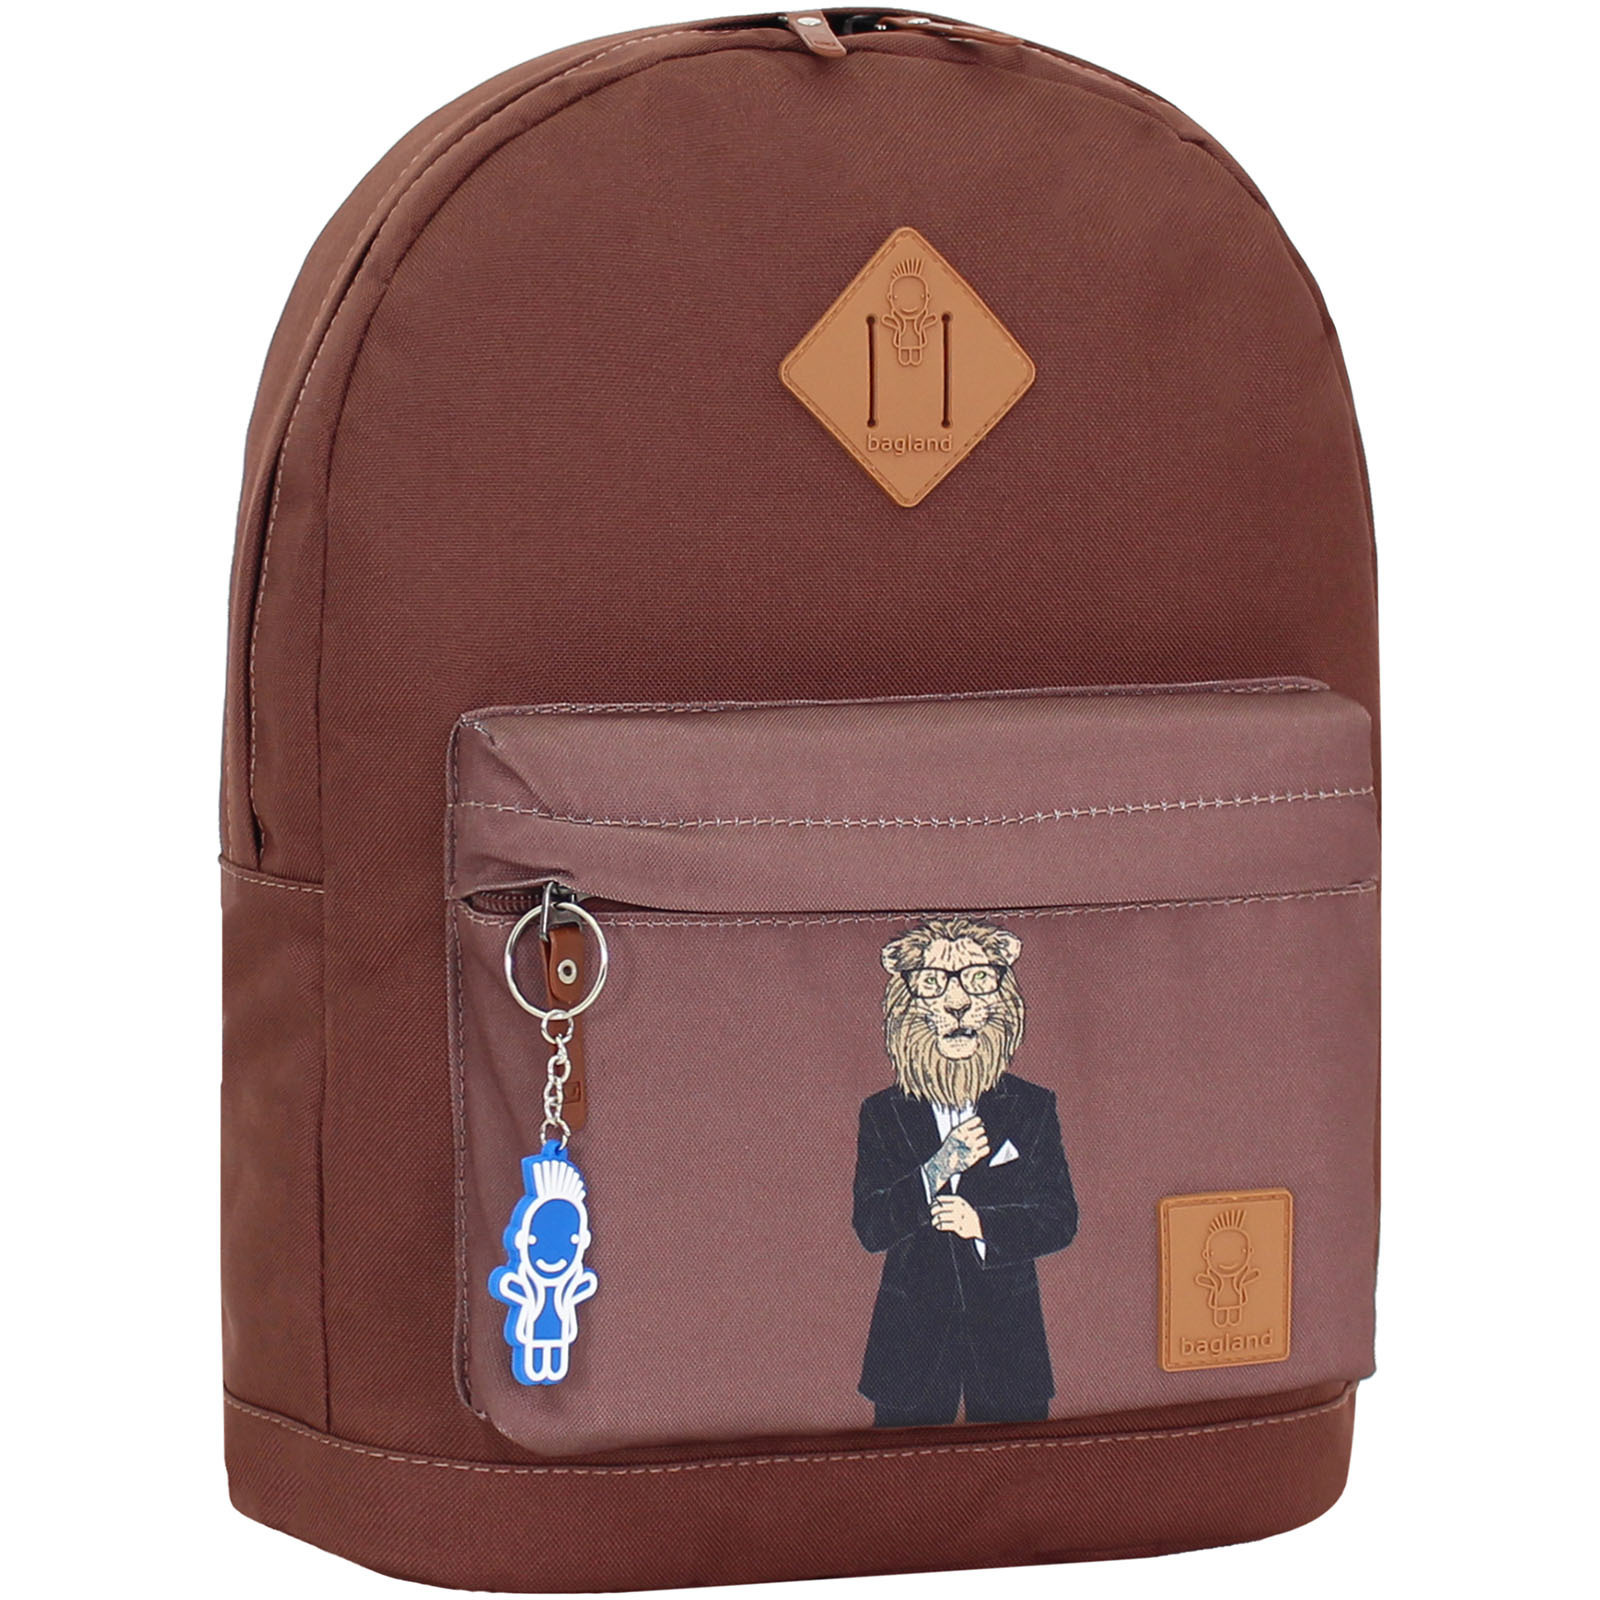 Городские рюкзаки Рюкзак Bagland Молодежный W/R 17 л. коричневый 195к (00533662) IMG_1064_195к.JPG